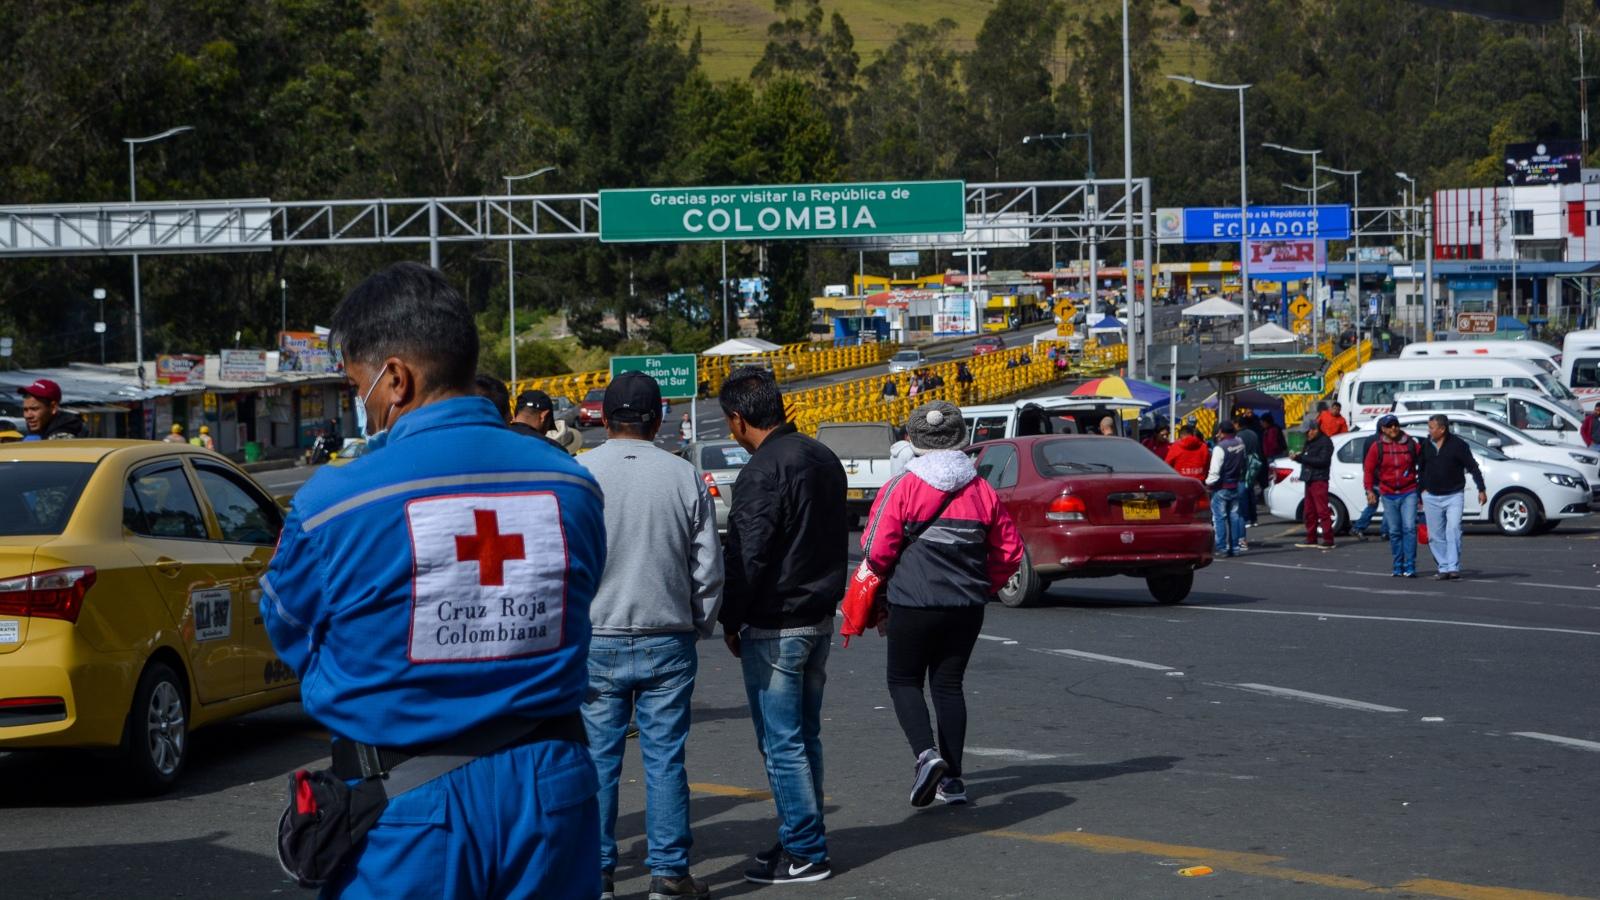 ¿Qué ha hecho Colombia para atender la crisis migratoria?